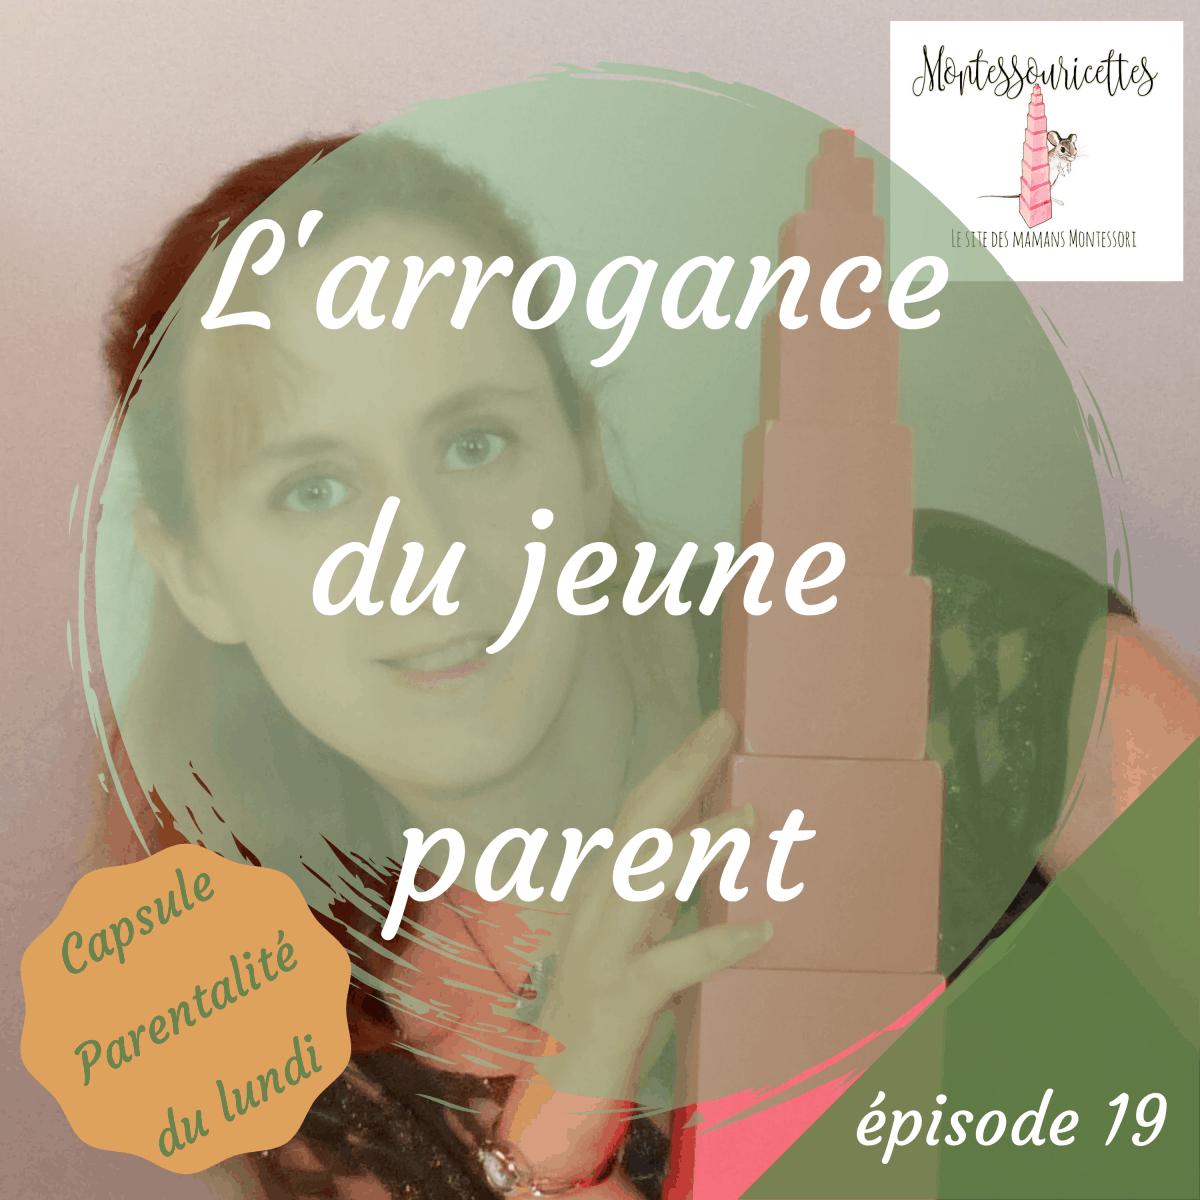 L'arrogance du jeune parent - podcast épisode 19